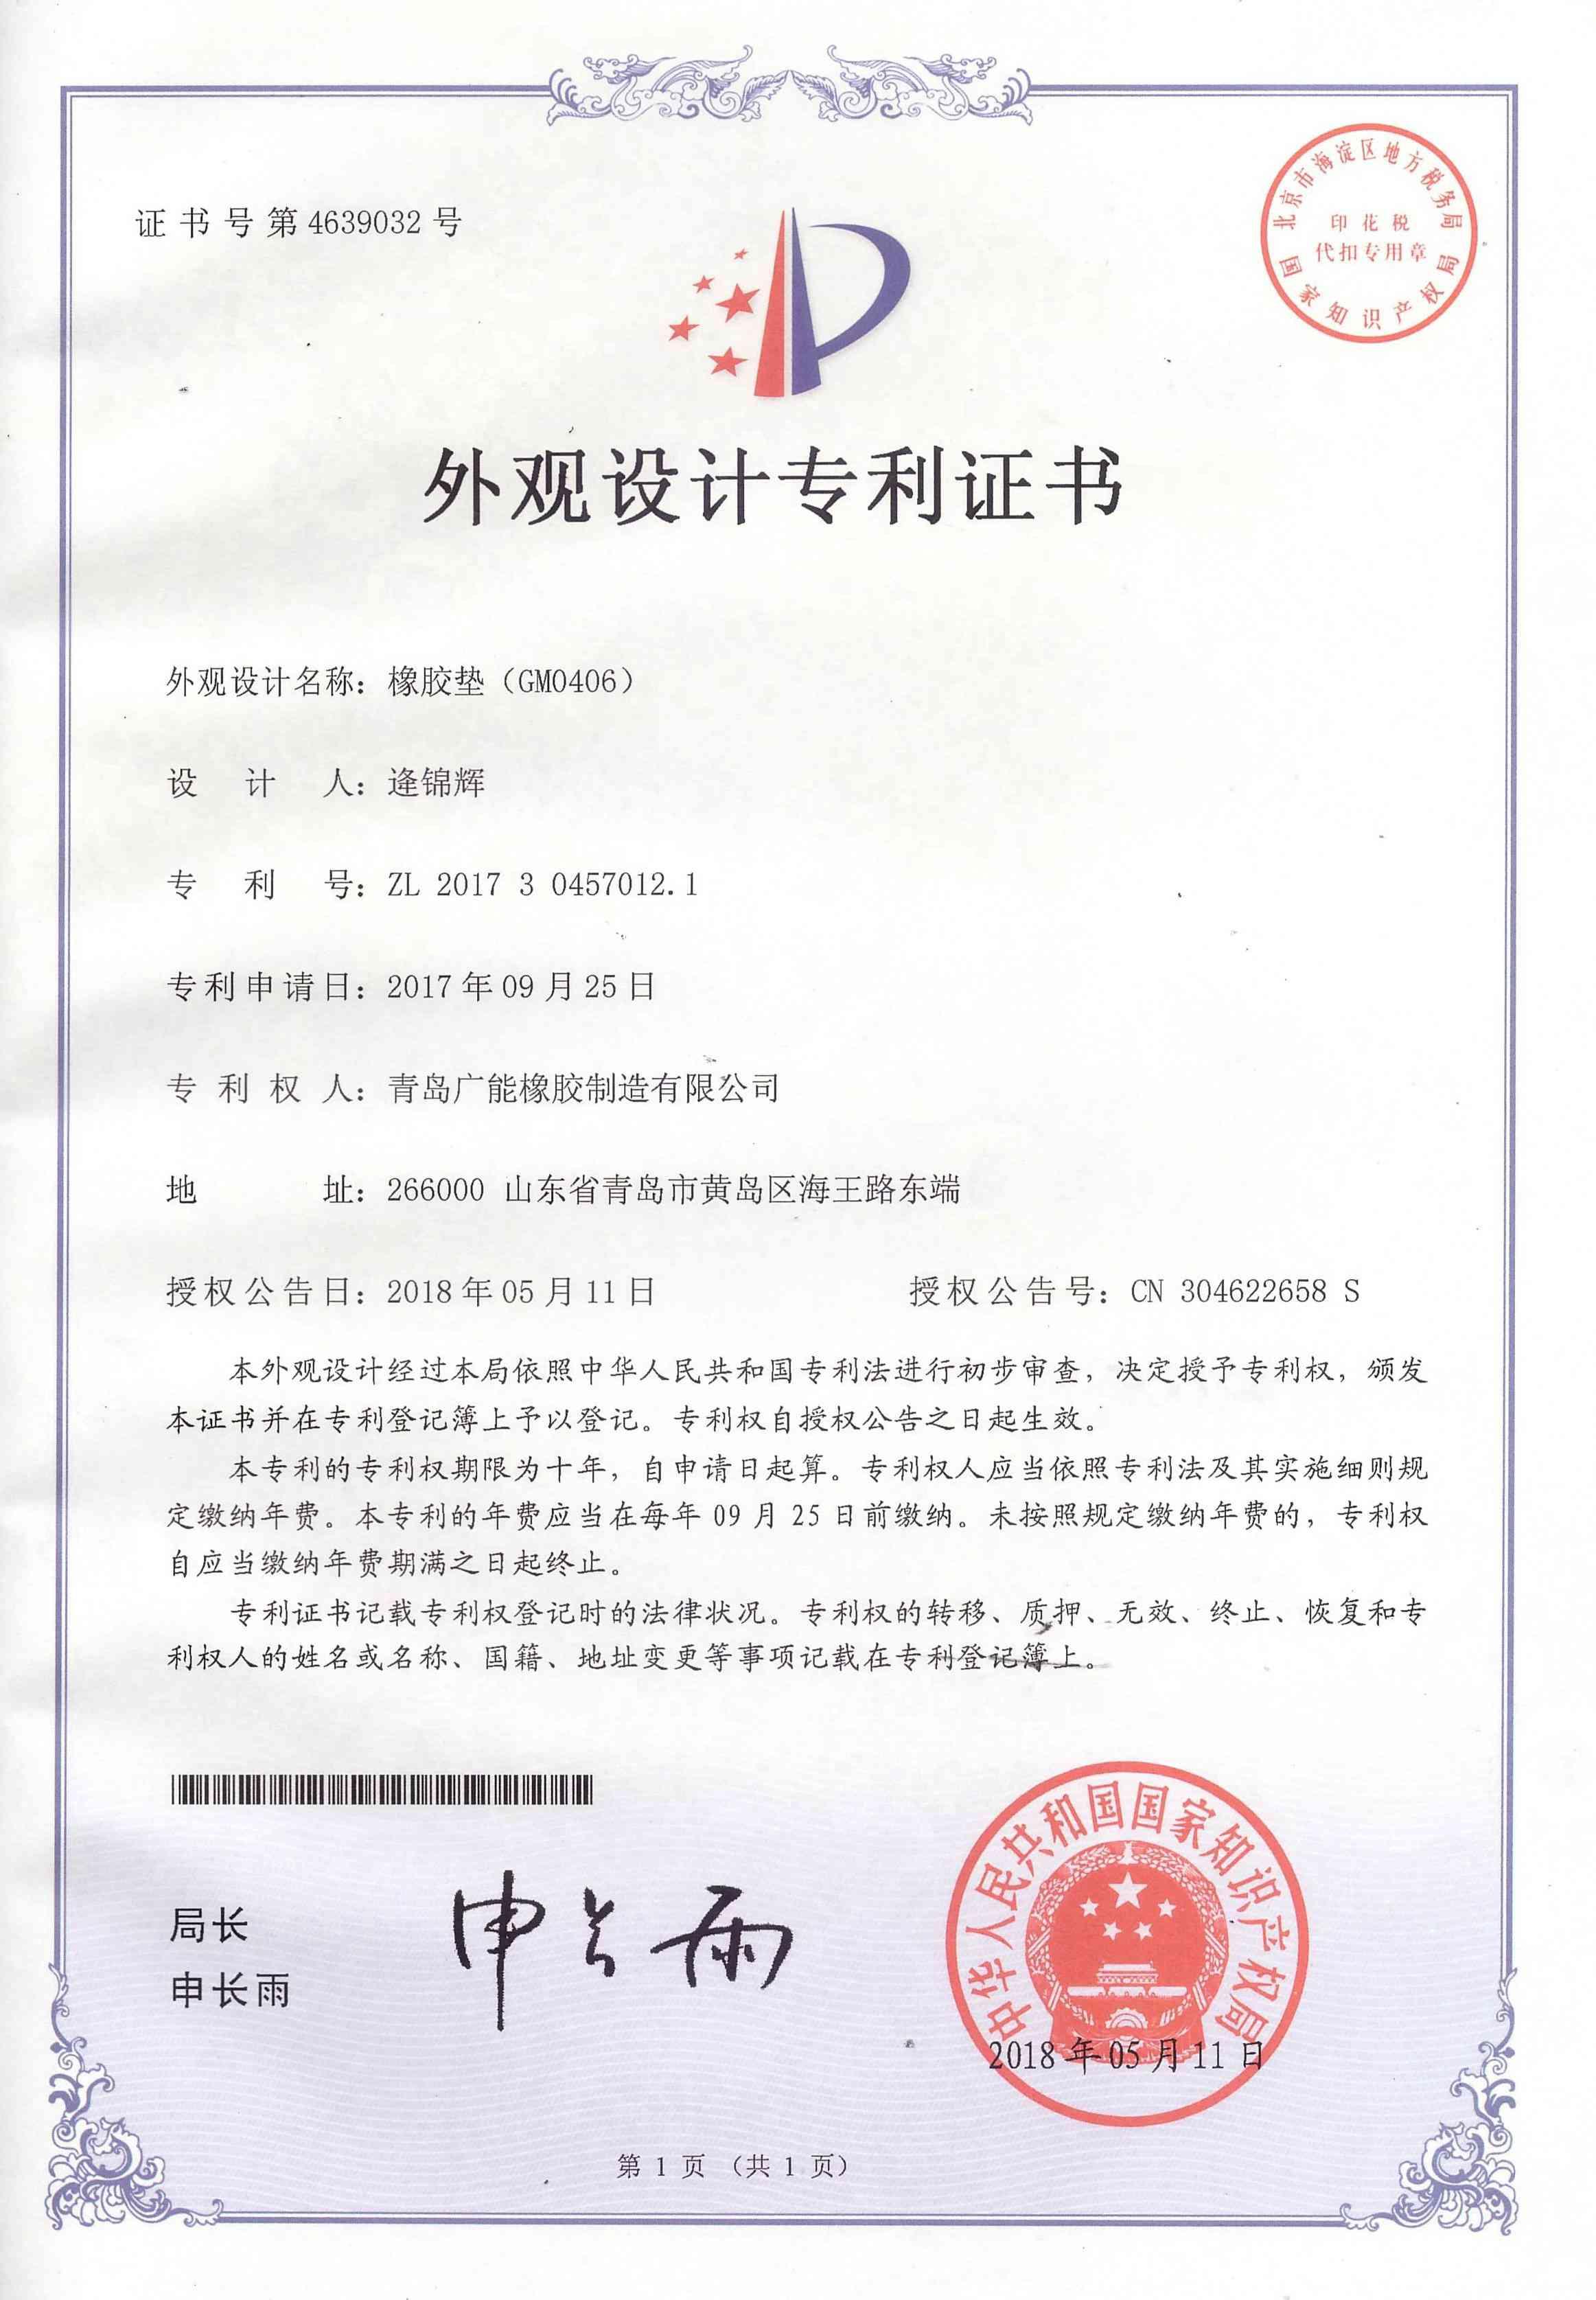 外观专利-beplay体育ios怎么下载(GM0406